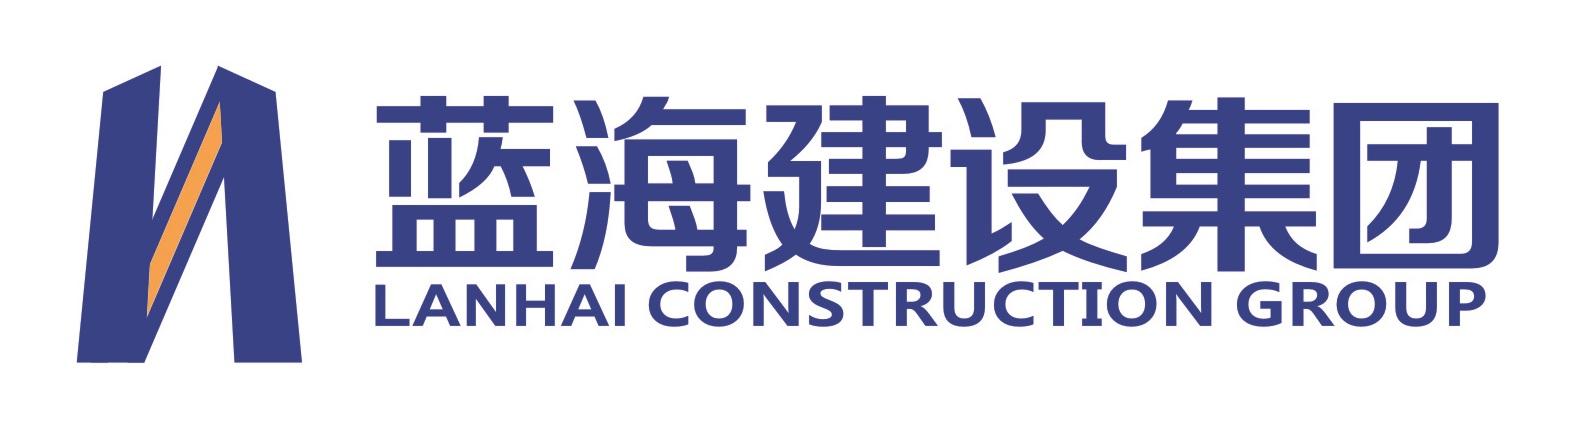 藍海建設集團有限公司